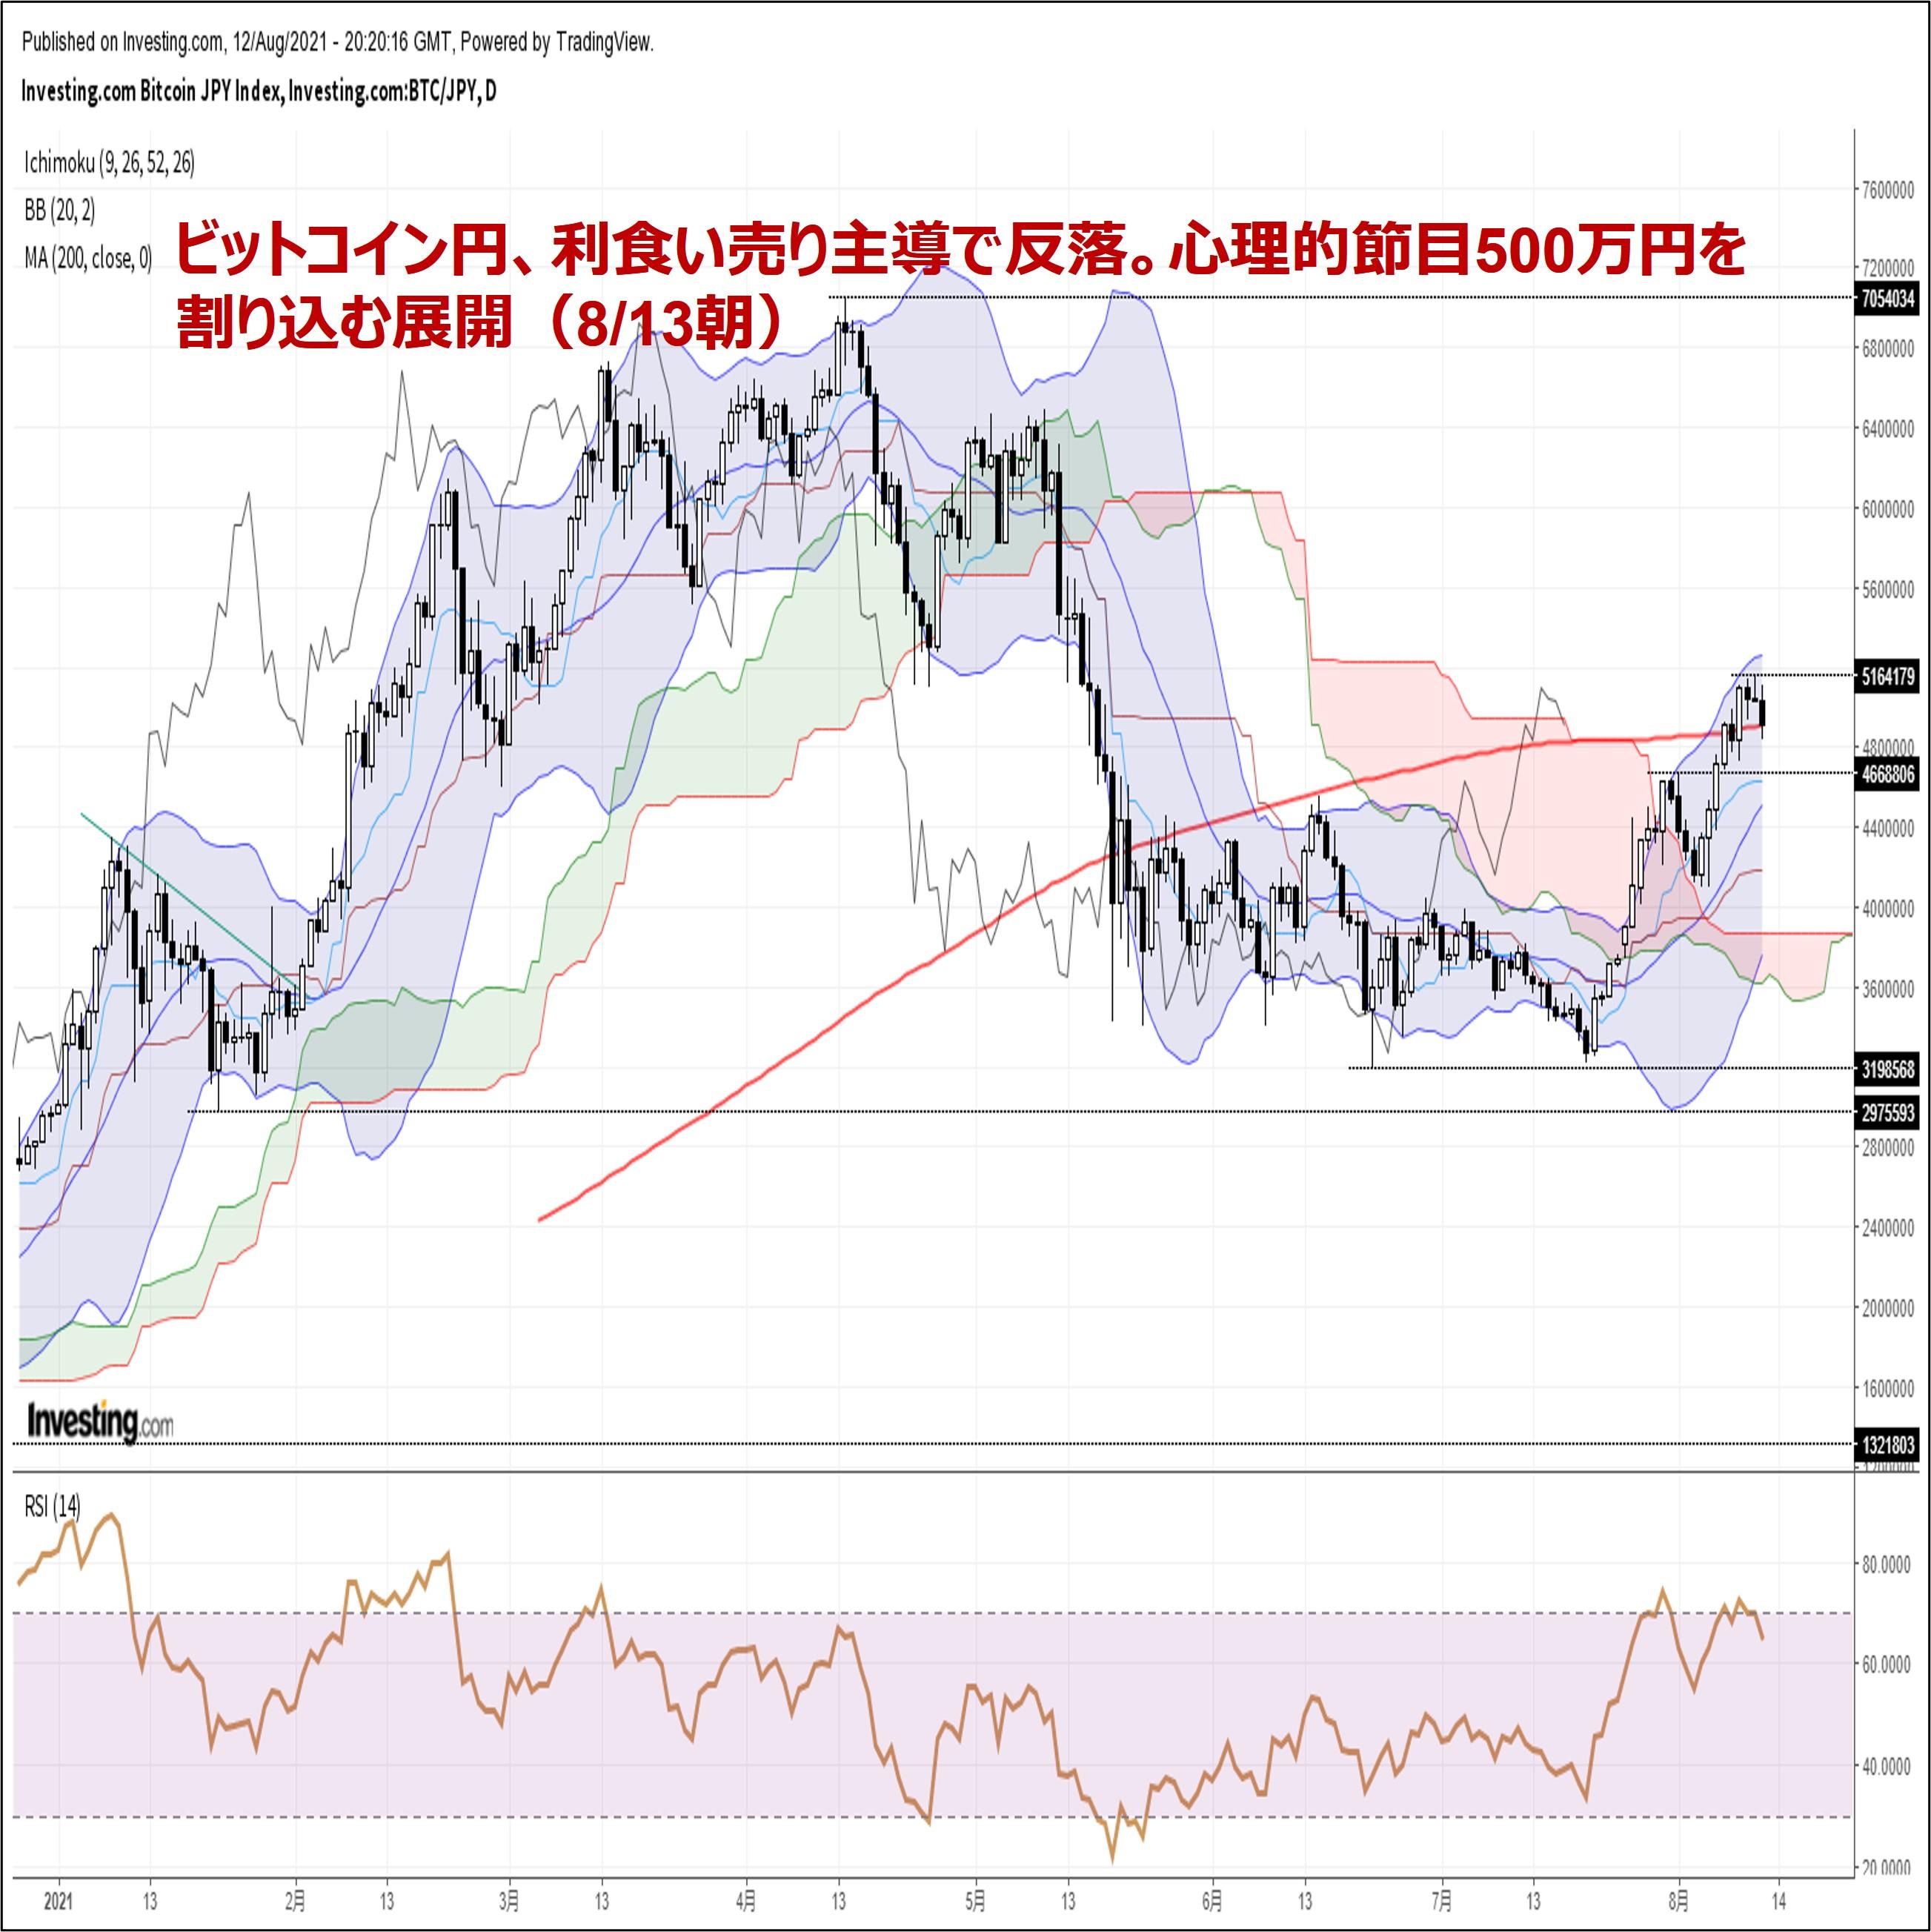 ビットコイン円、利食い売り主導で反落。心理的節目500万円を割り込む展開(8/13朝)